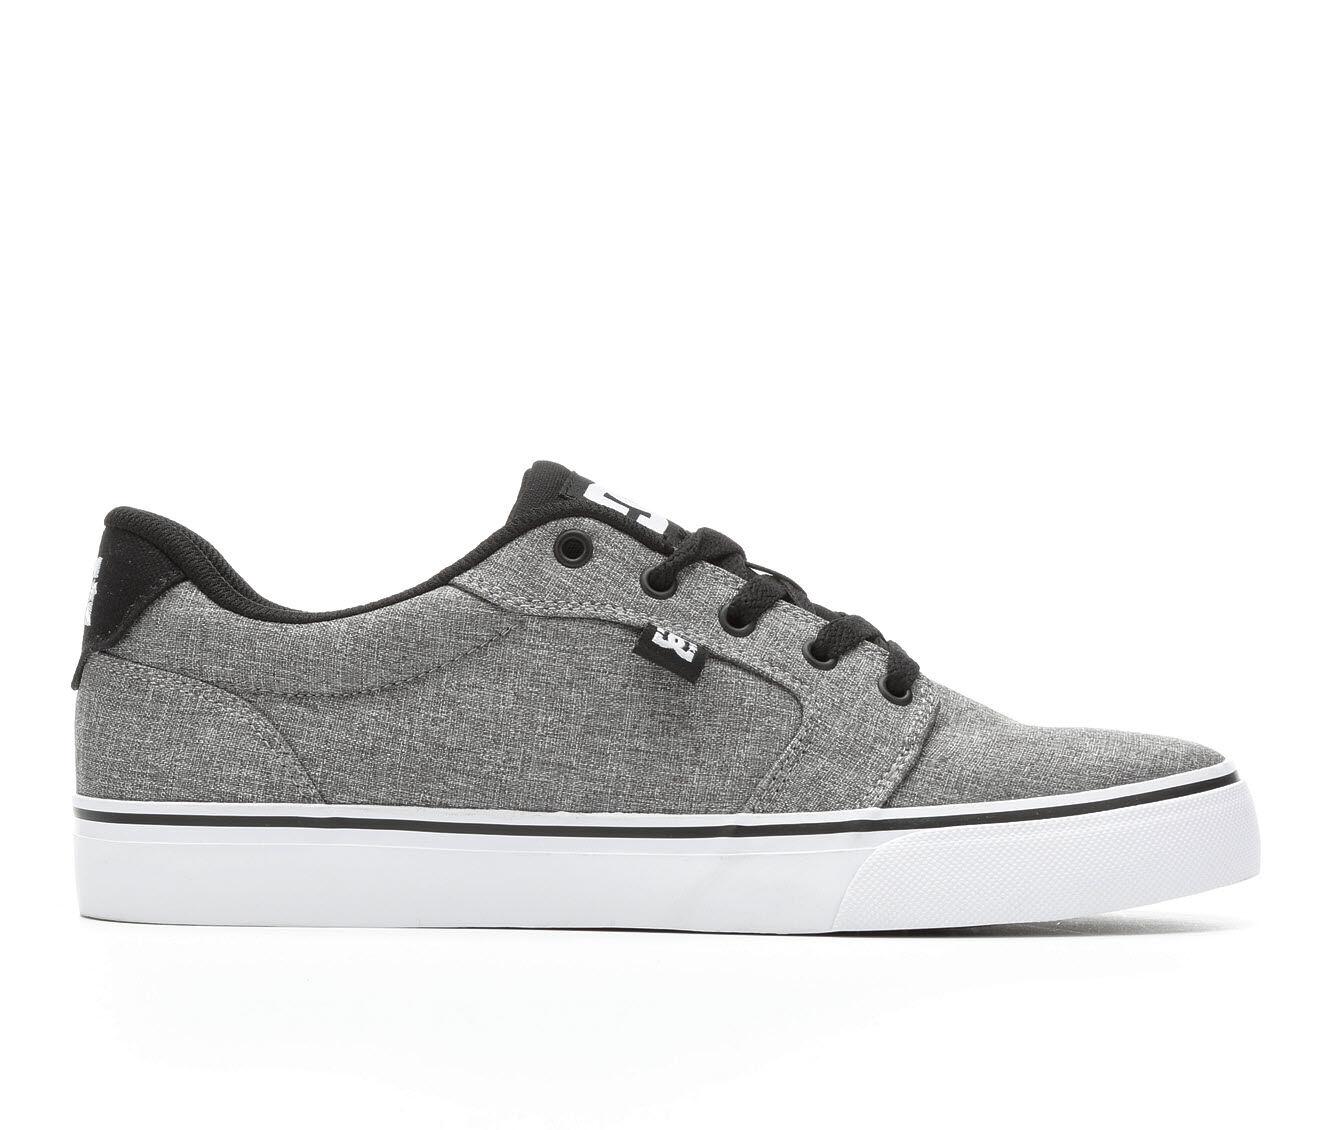 Men's DC Anvil TX SE Skate Shoes Heather/Blk/Wht